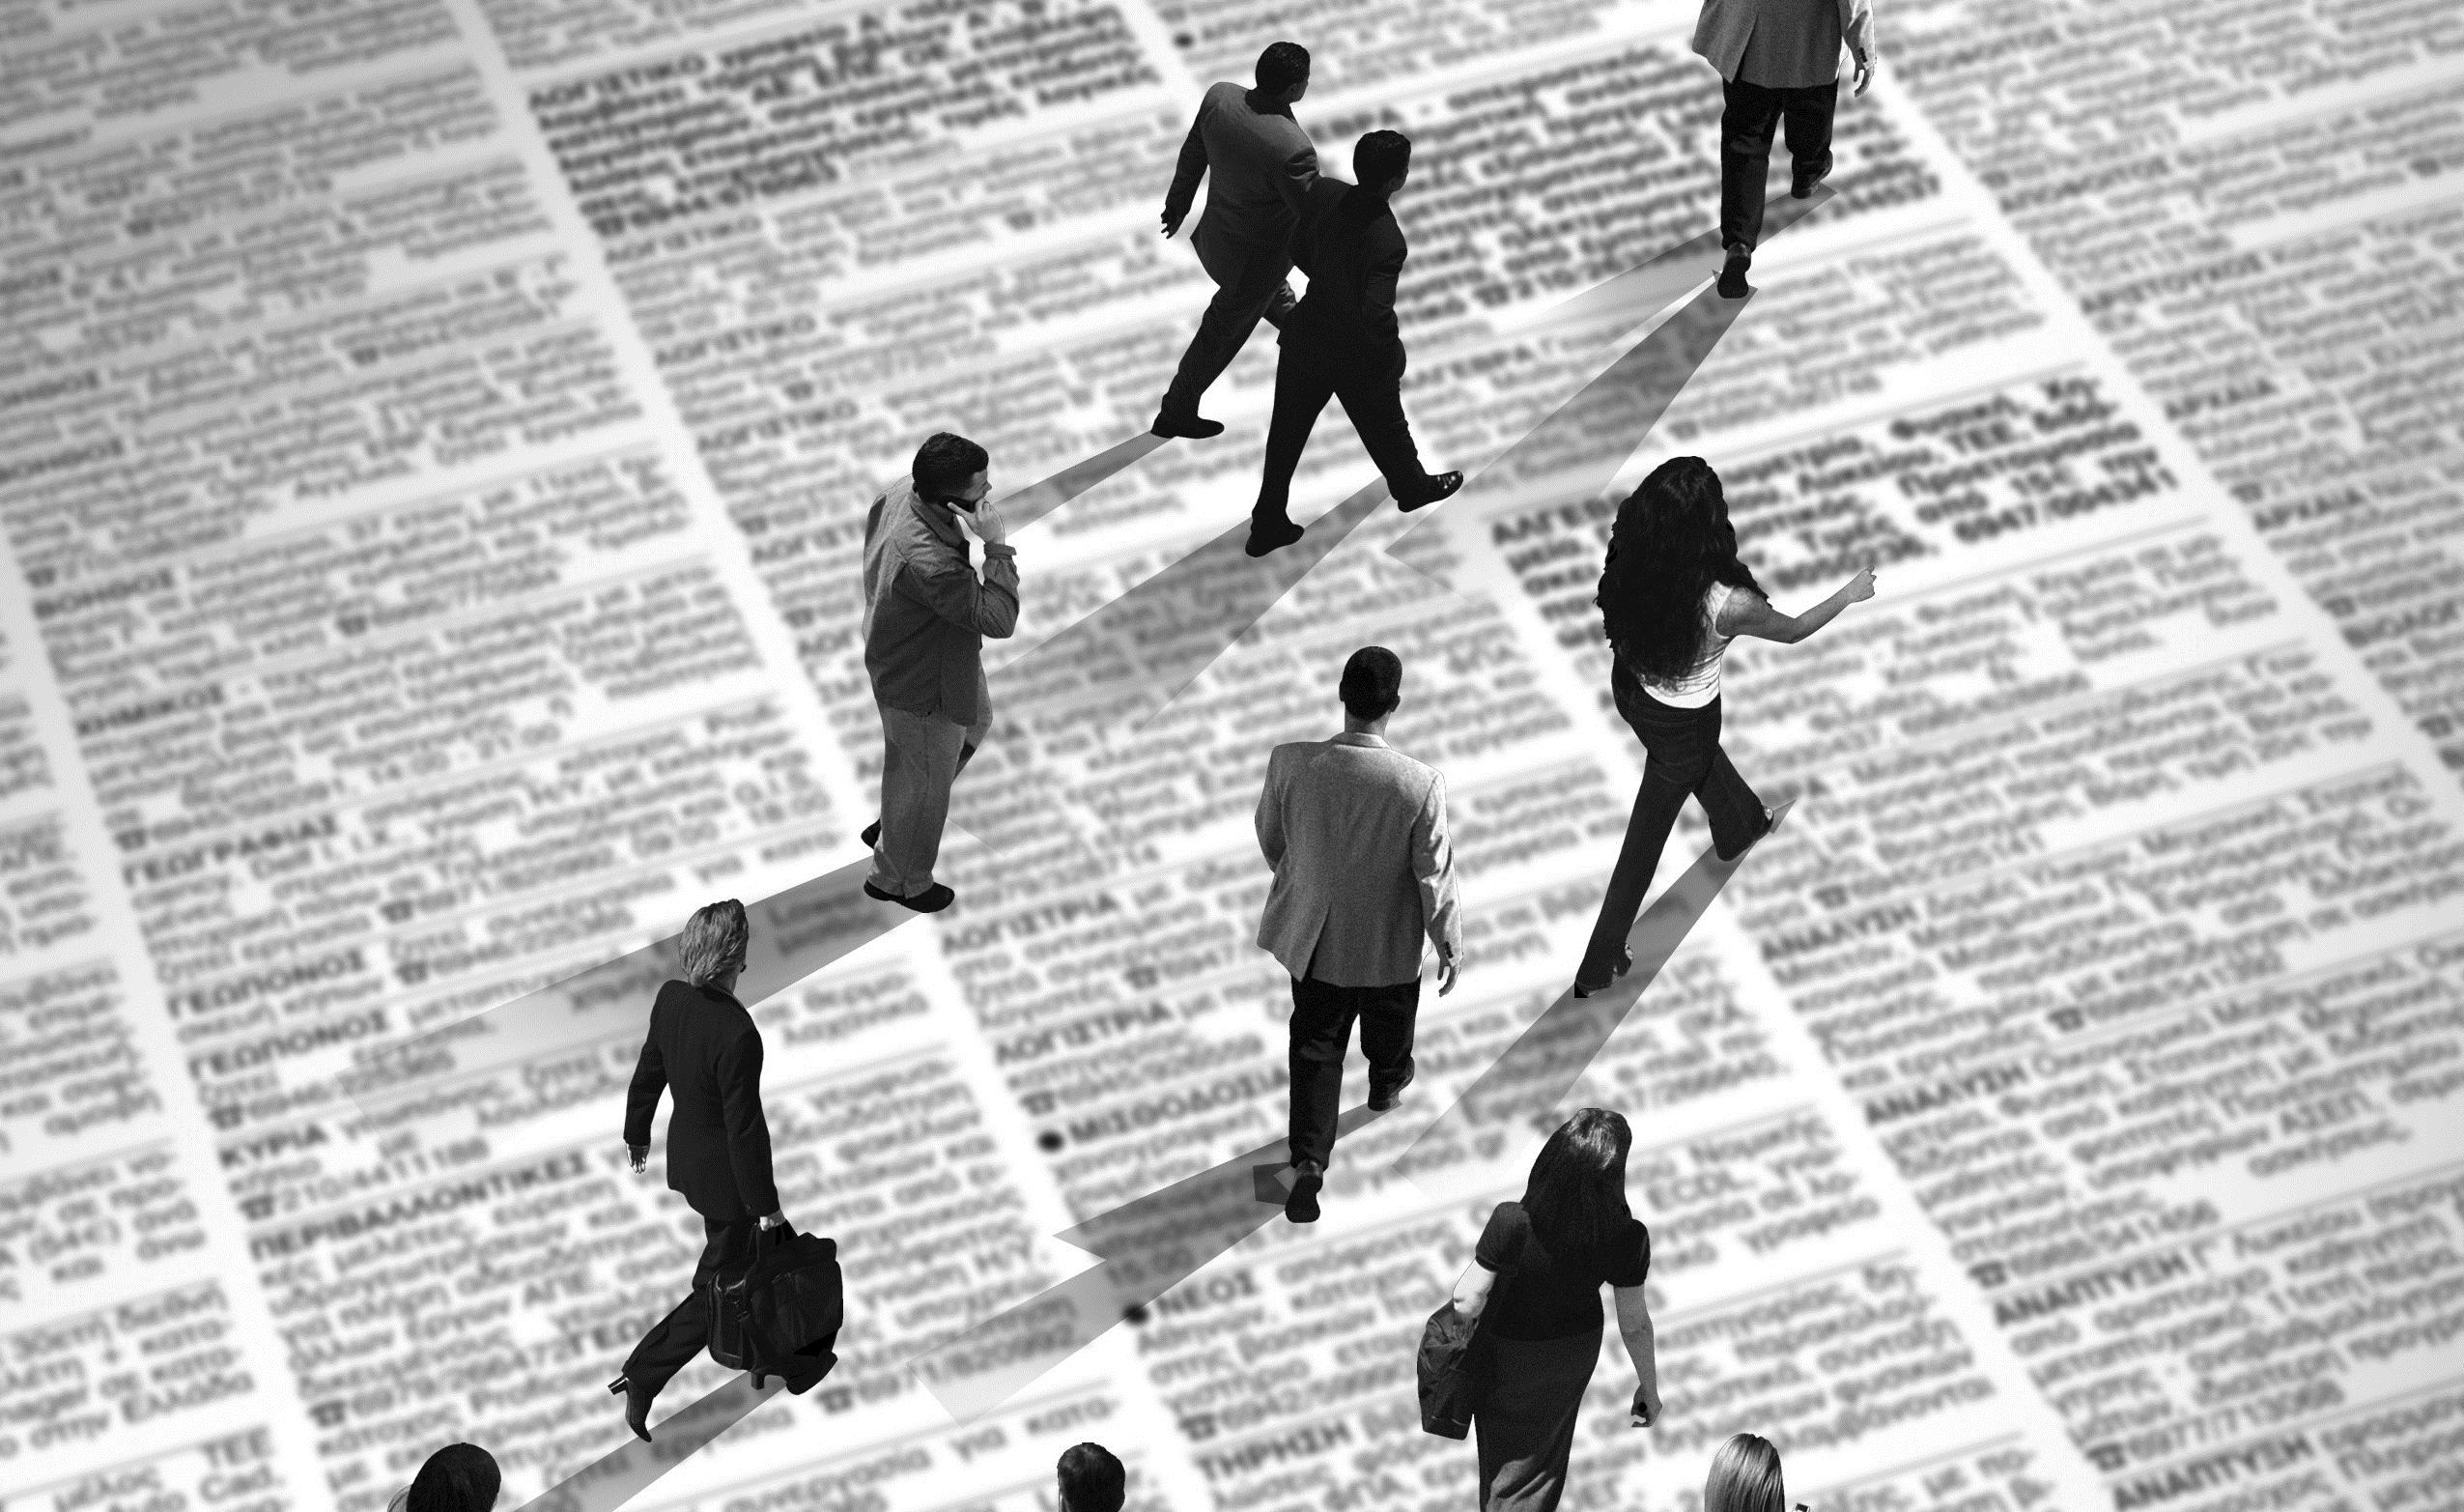 Στοιχεία ΕΛΣΤΑΤ & ΕΡΓΑΝΗ: Μιλάμε για μια στέρεη ανάκαμψη της απασχόλησης ή αναπαράγουμε ανακρίβειες και μισές αλήθειες;